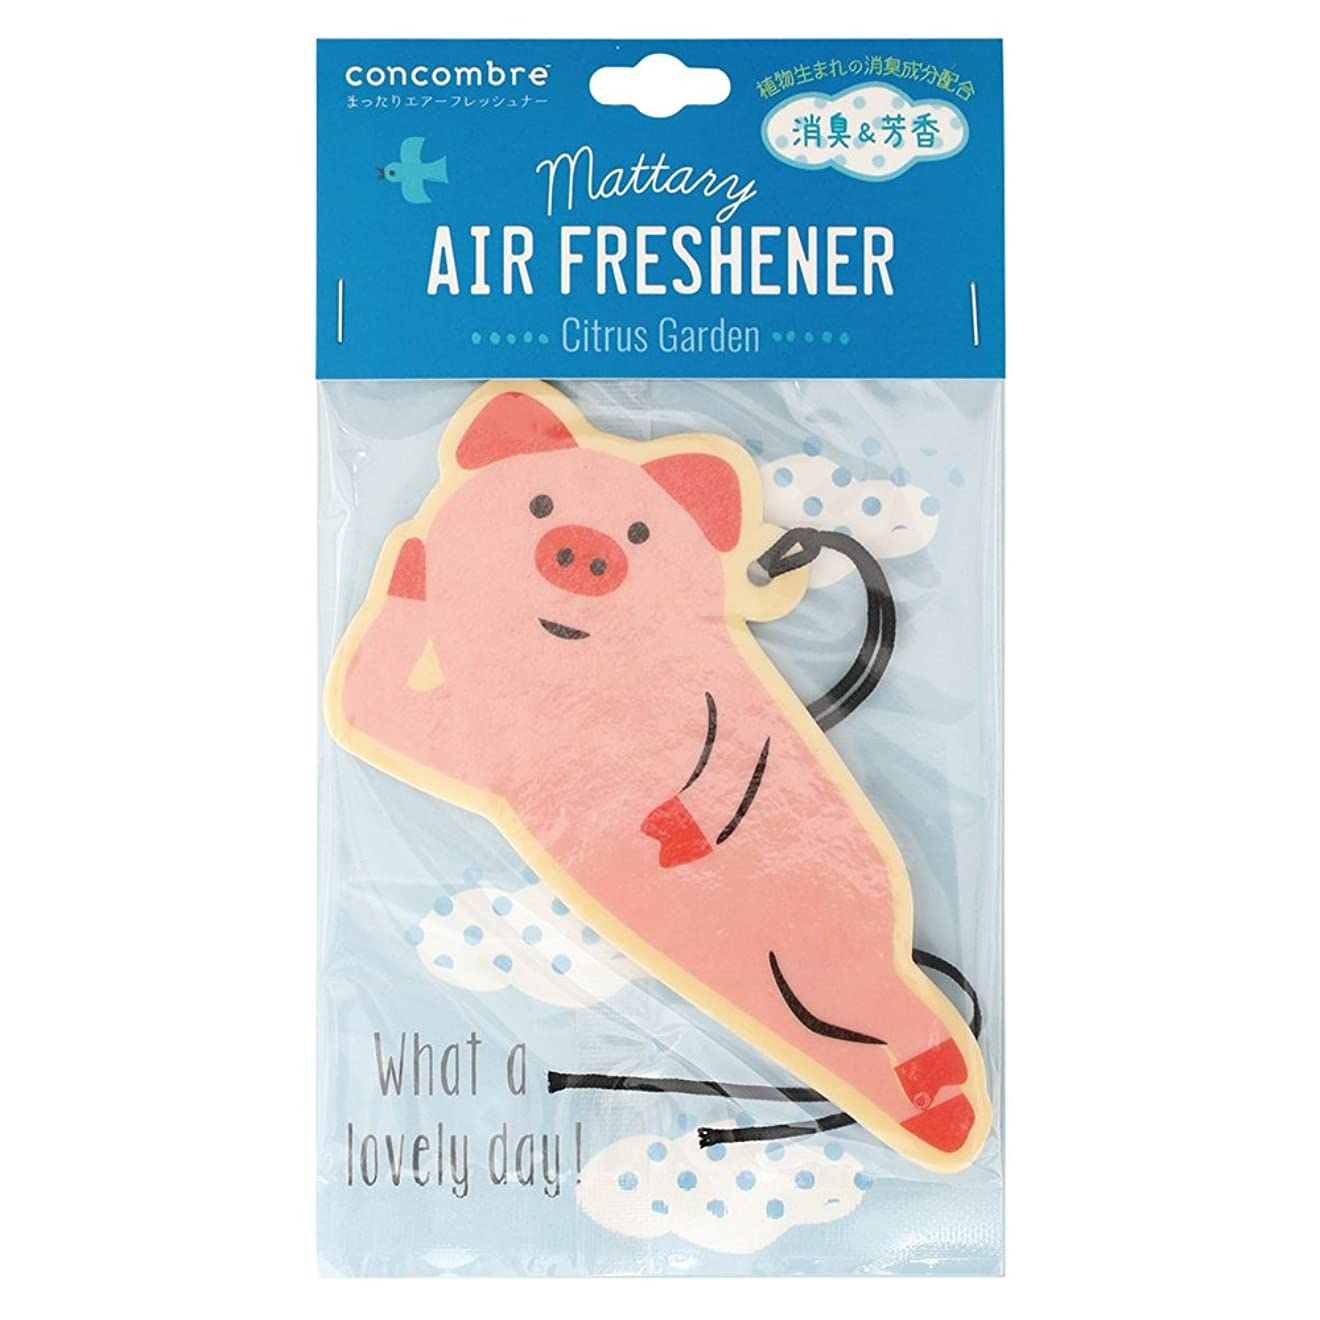 全体影響力のある限られたconcombre 芳香剤 まったりエアーフレッシュナー 吊り下げ 消臭成分配合 シトラスの香り OA-DKA-5-2